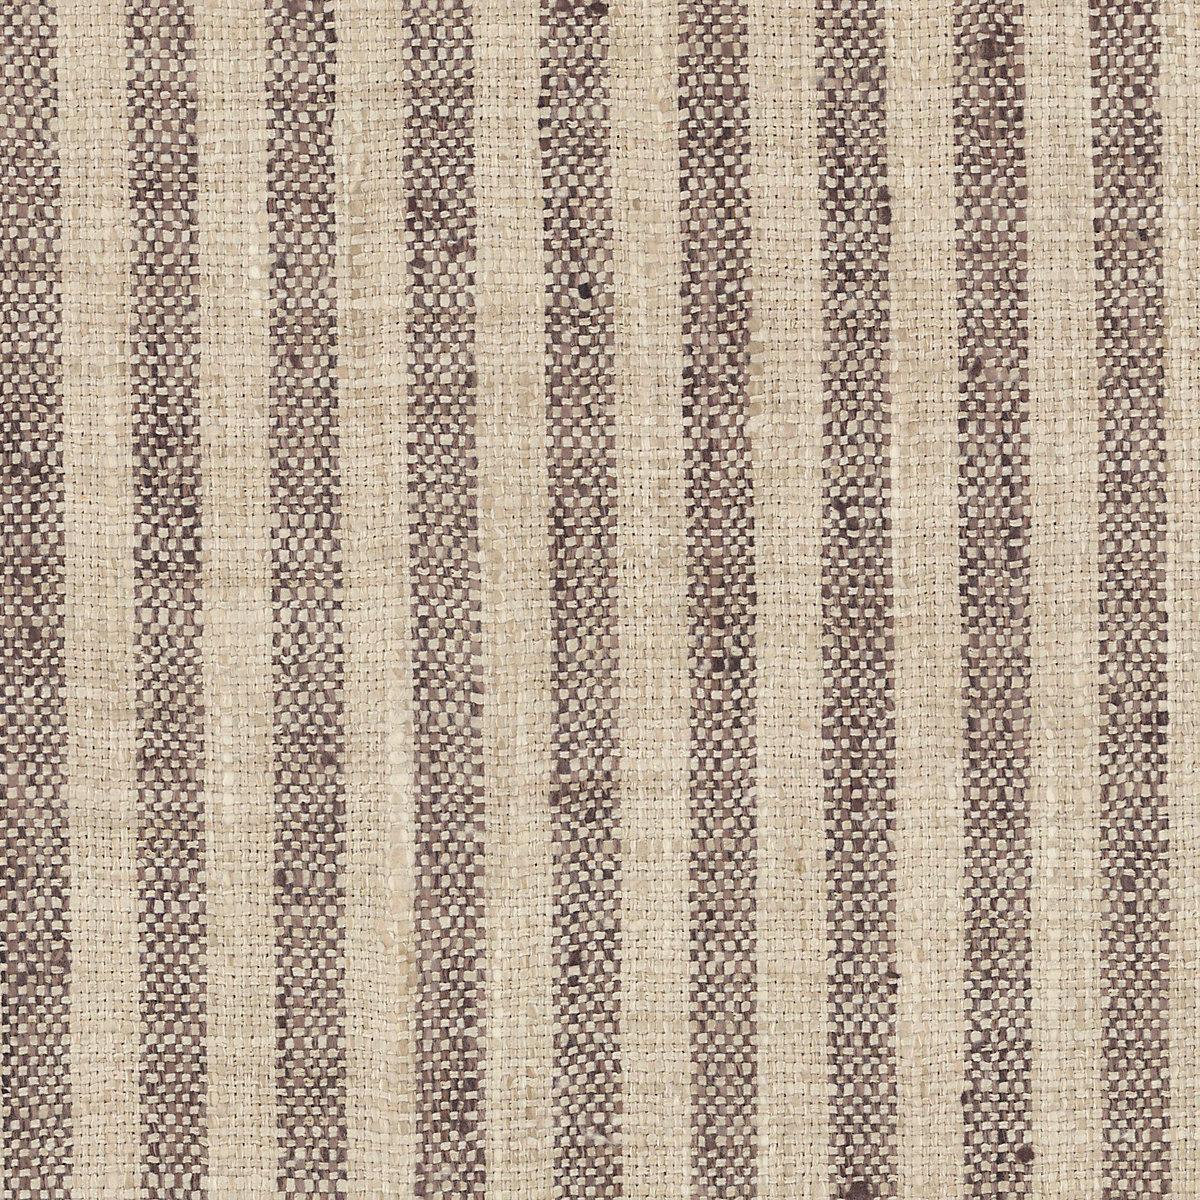 Adams Ticking Brown Indoor Outdoor Fabric Furniture